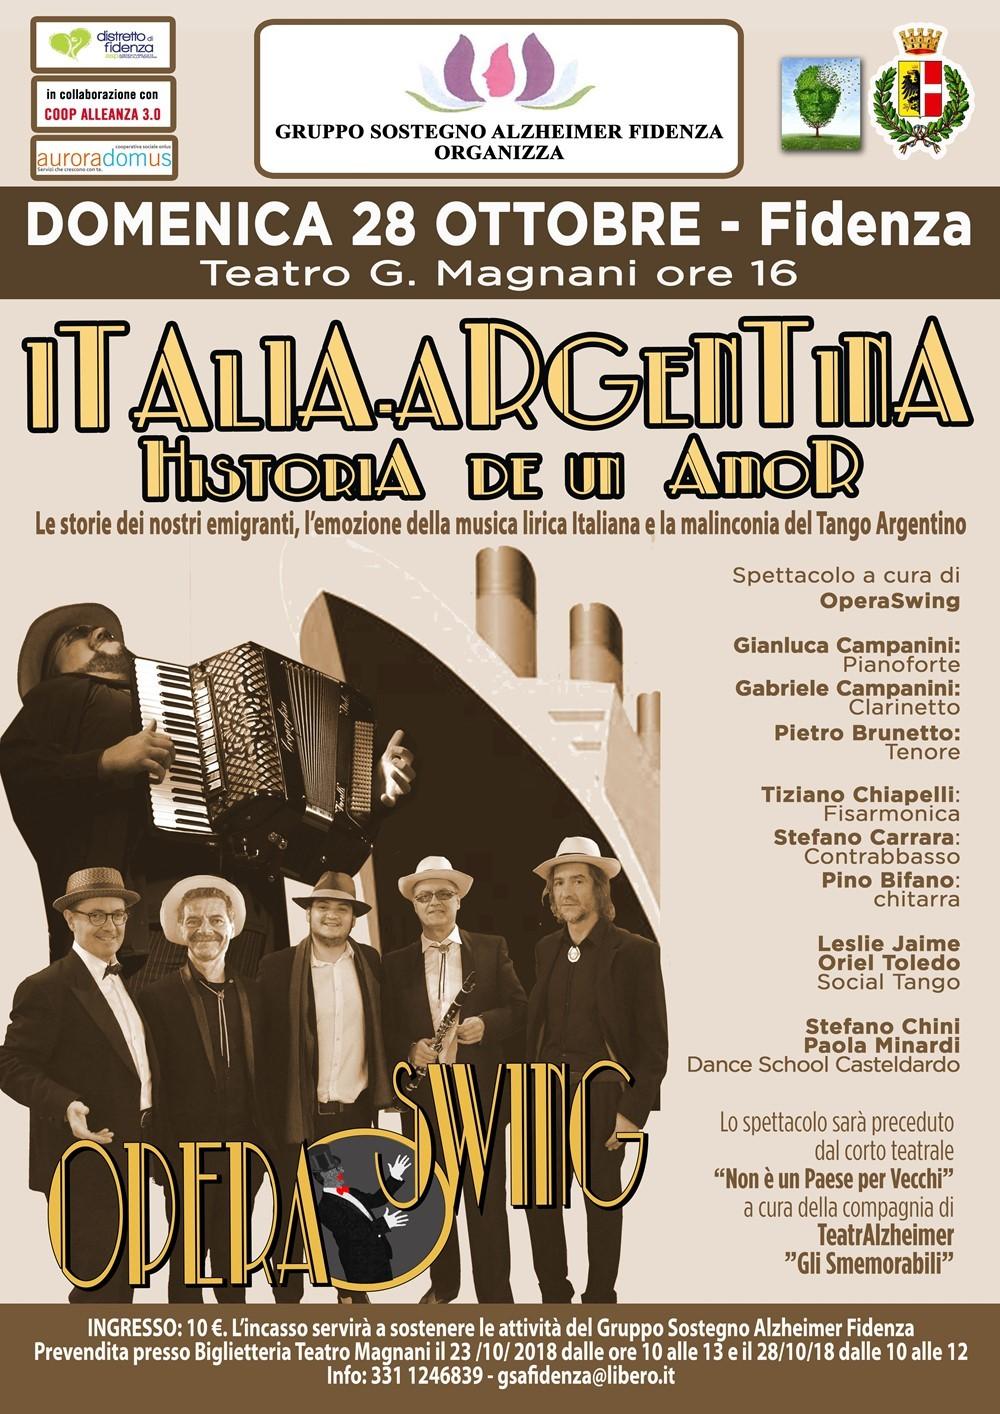 Italia-Argentina  Il 28 ottobre lo spettacolo proposto dal Gruppo Sostegno Alzheimer Fidenza